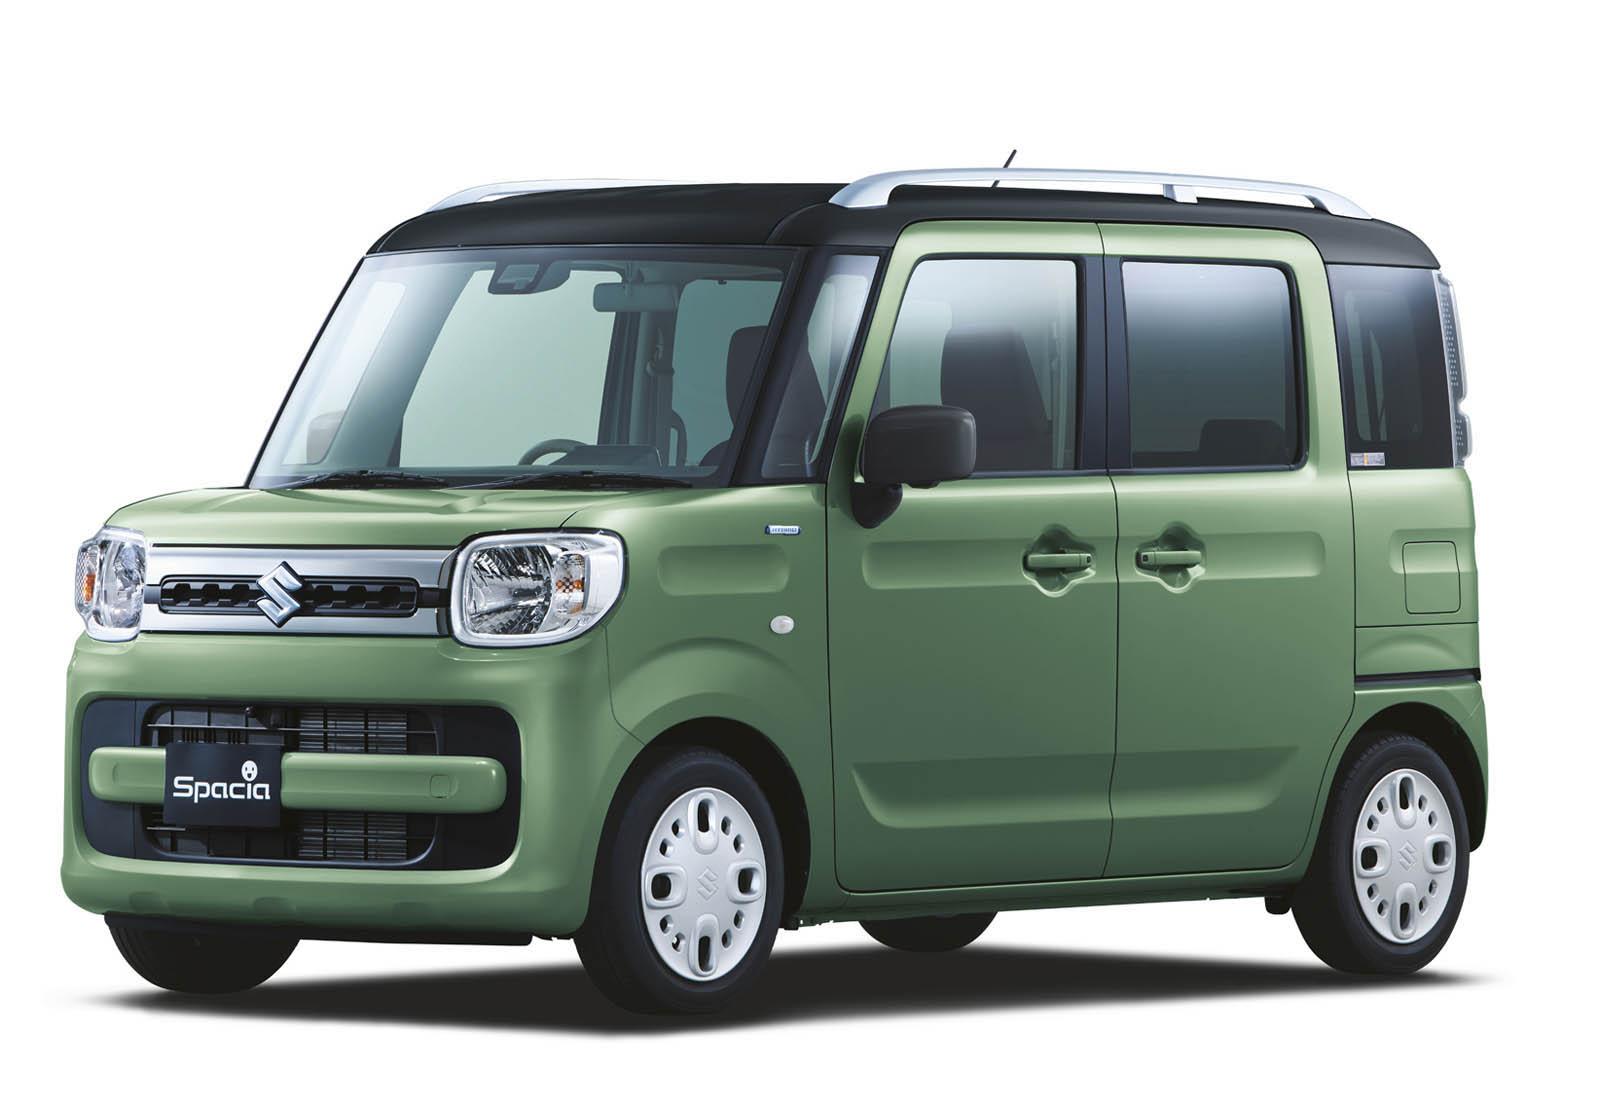 Suzuki Spacia 2018 (7)